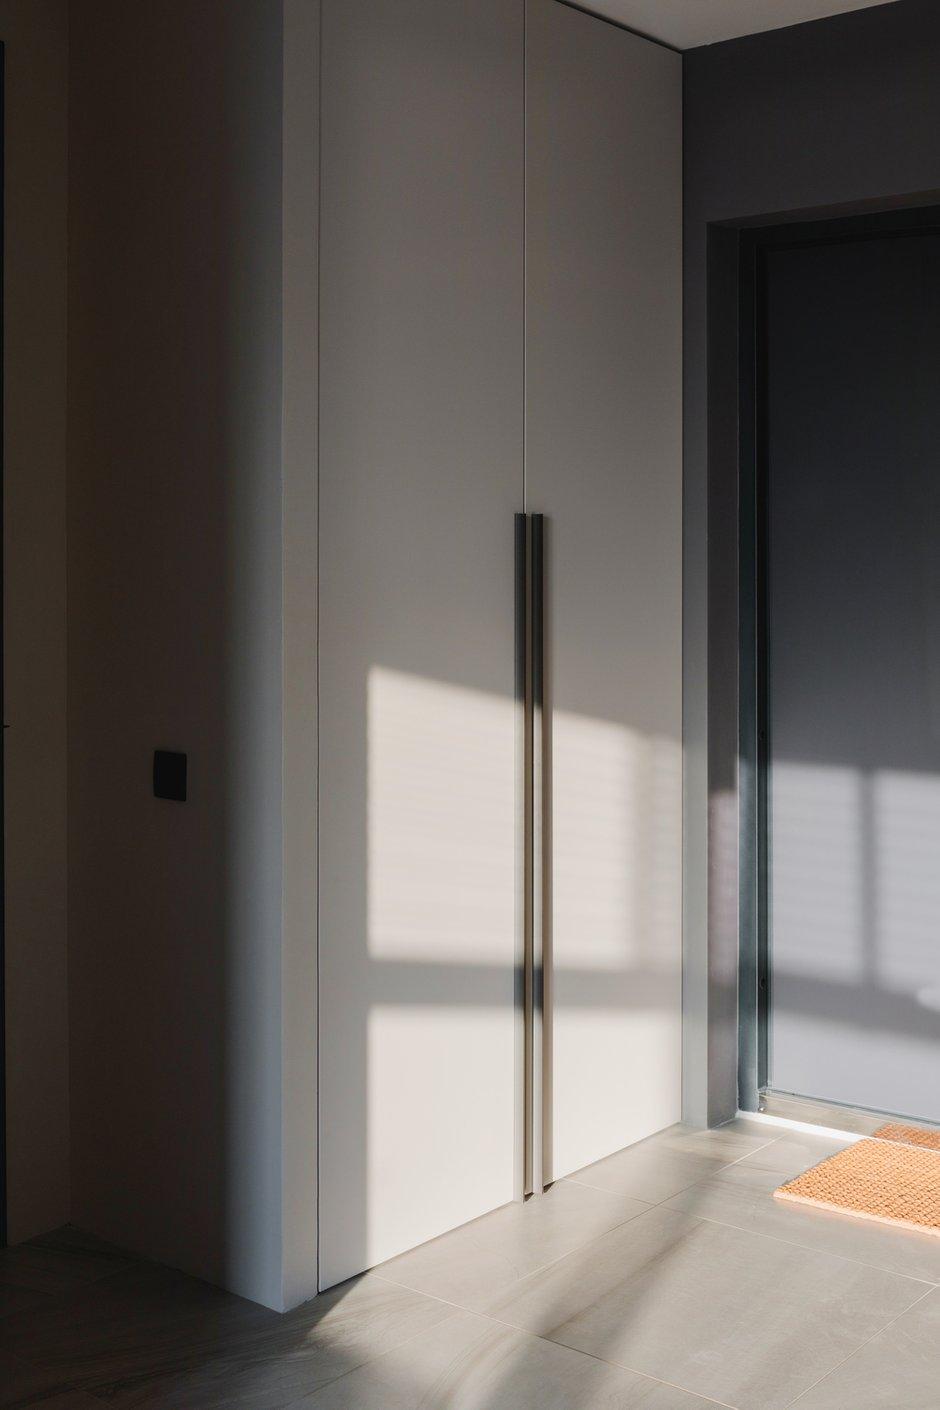 Фотография: Прихожая в стиле Современный, Квартира, Минимализм, Проект недели, Москва, 3 комнаты, 40-60 метров, Валерия Москалева – фото на INMYROOM